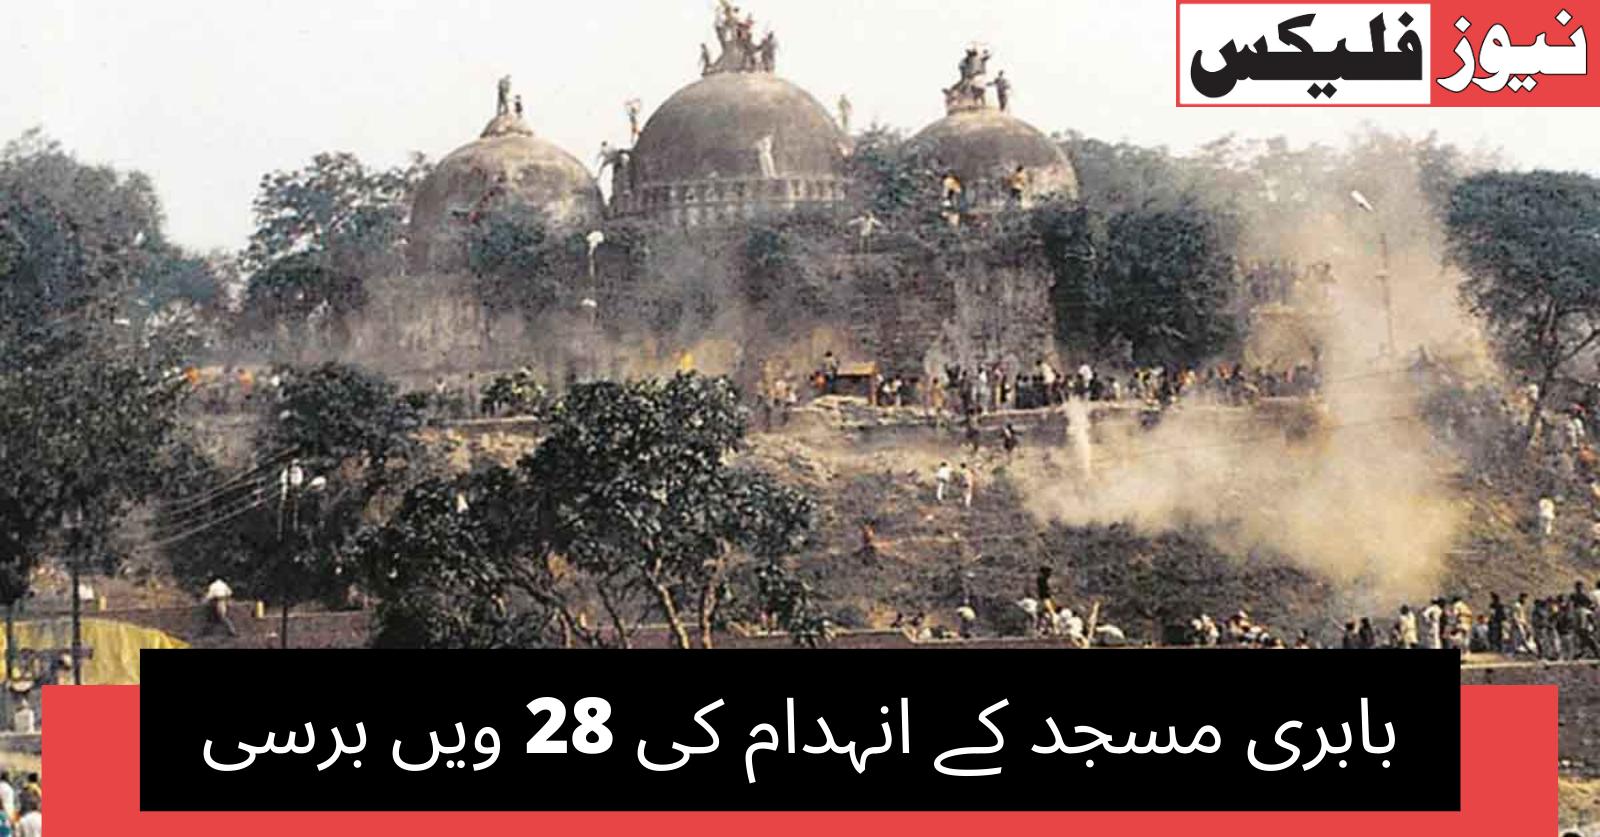 بابری مسجد کے انہدام کی 28 ویں برسی